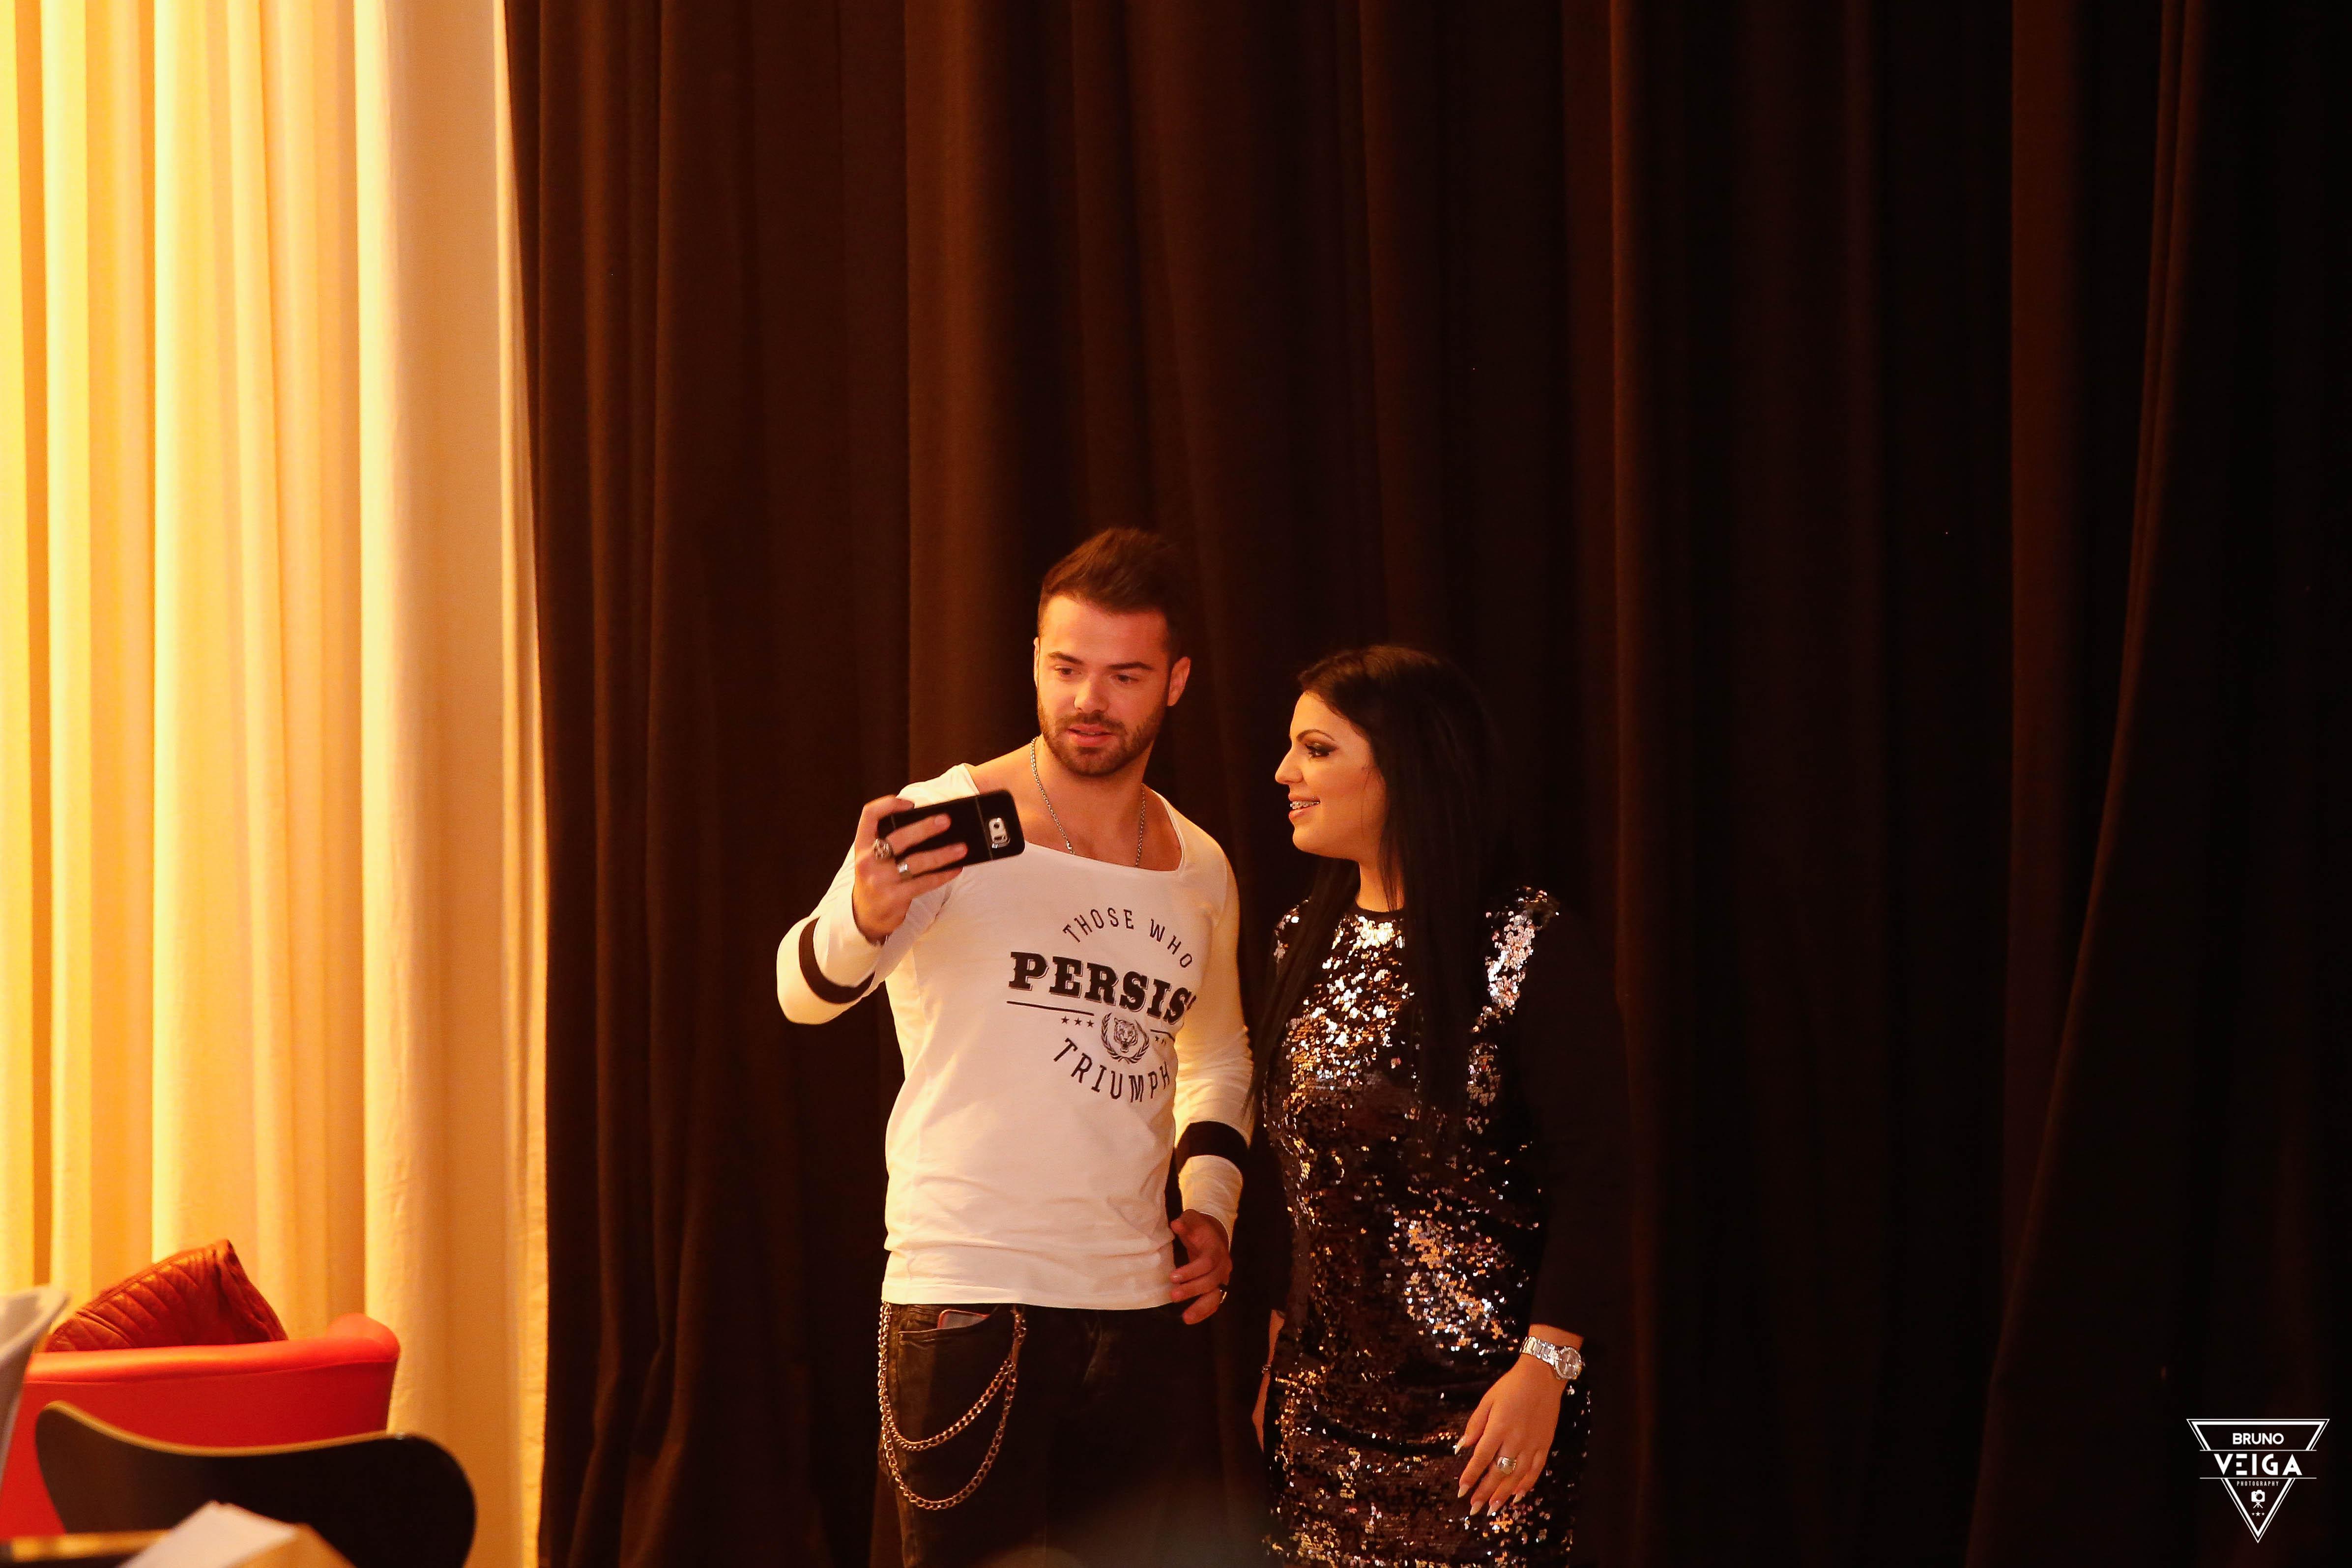 Teresa Guilherme nos bastidores da televisão - Ruben e Tatiana da Casa dos Segredos